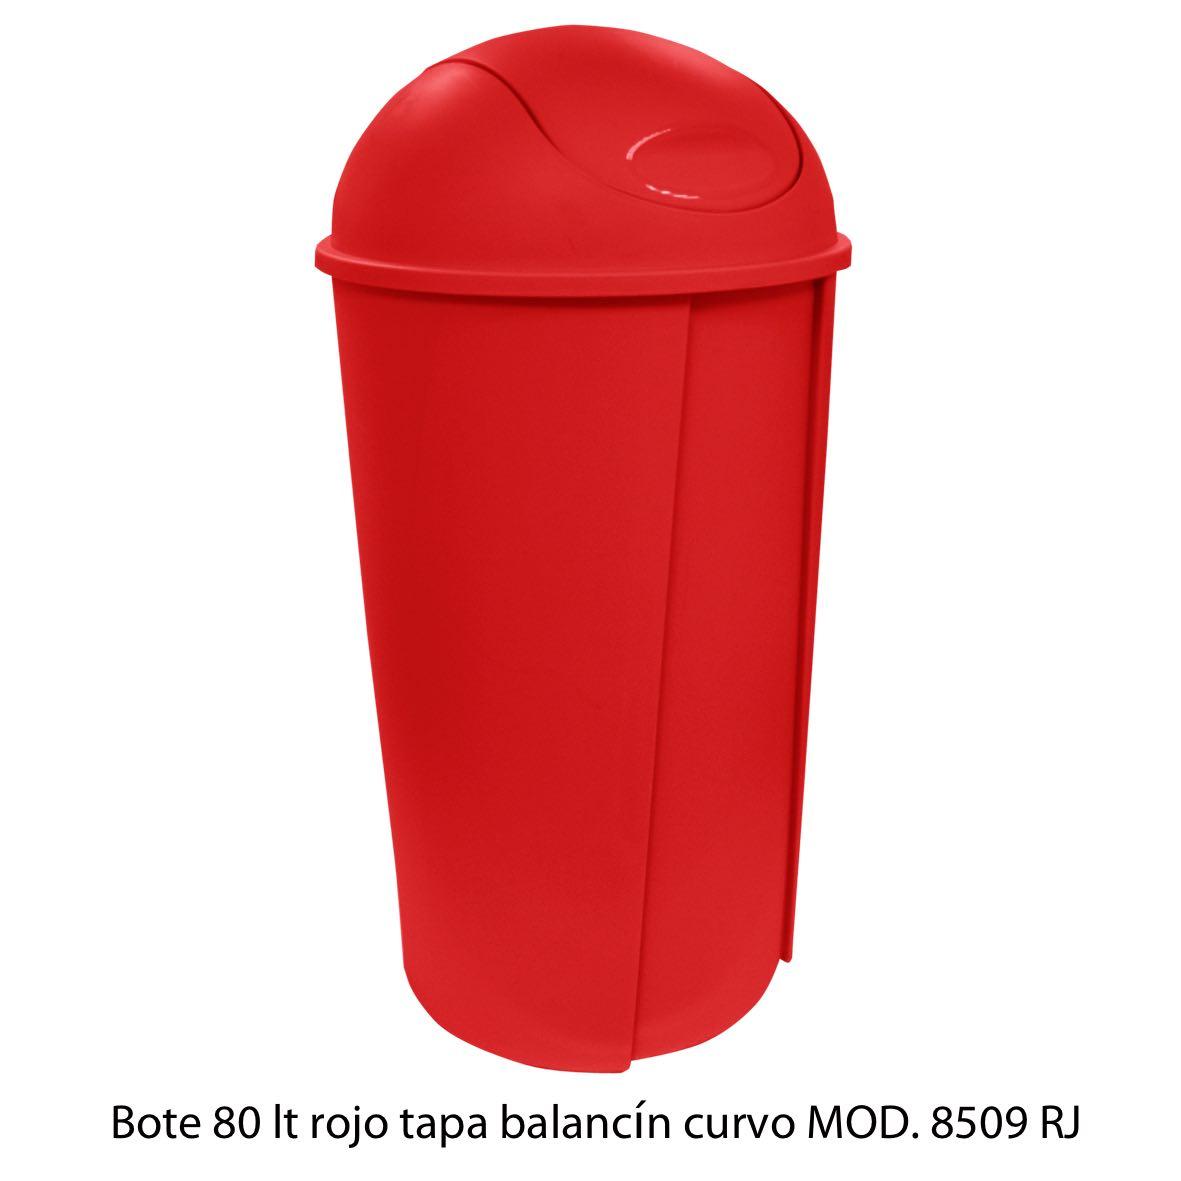 Bote de bausra de 80 litros con tapa balancín curvo color rojo modelo 8509 RJ Sablón